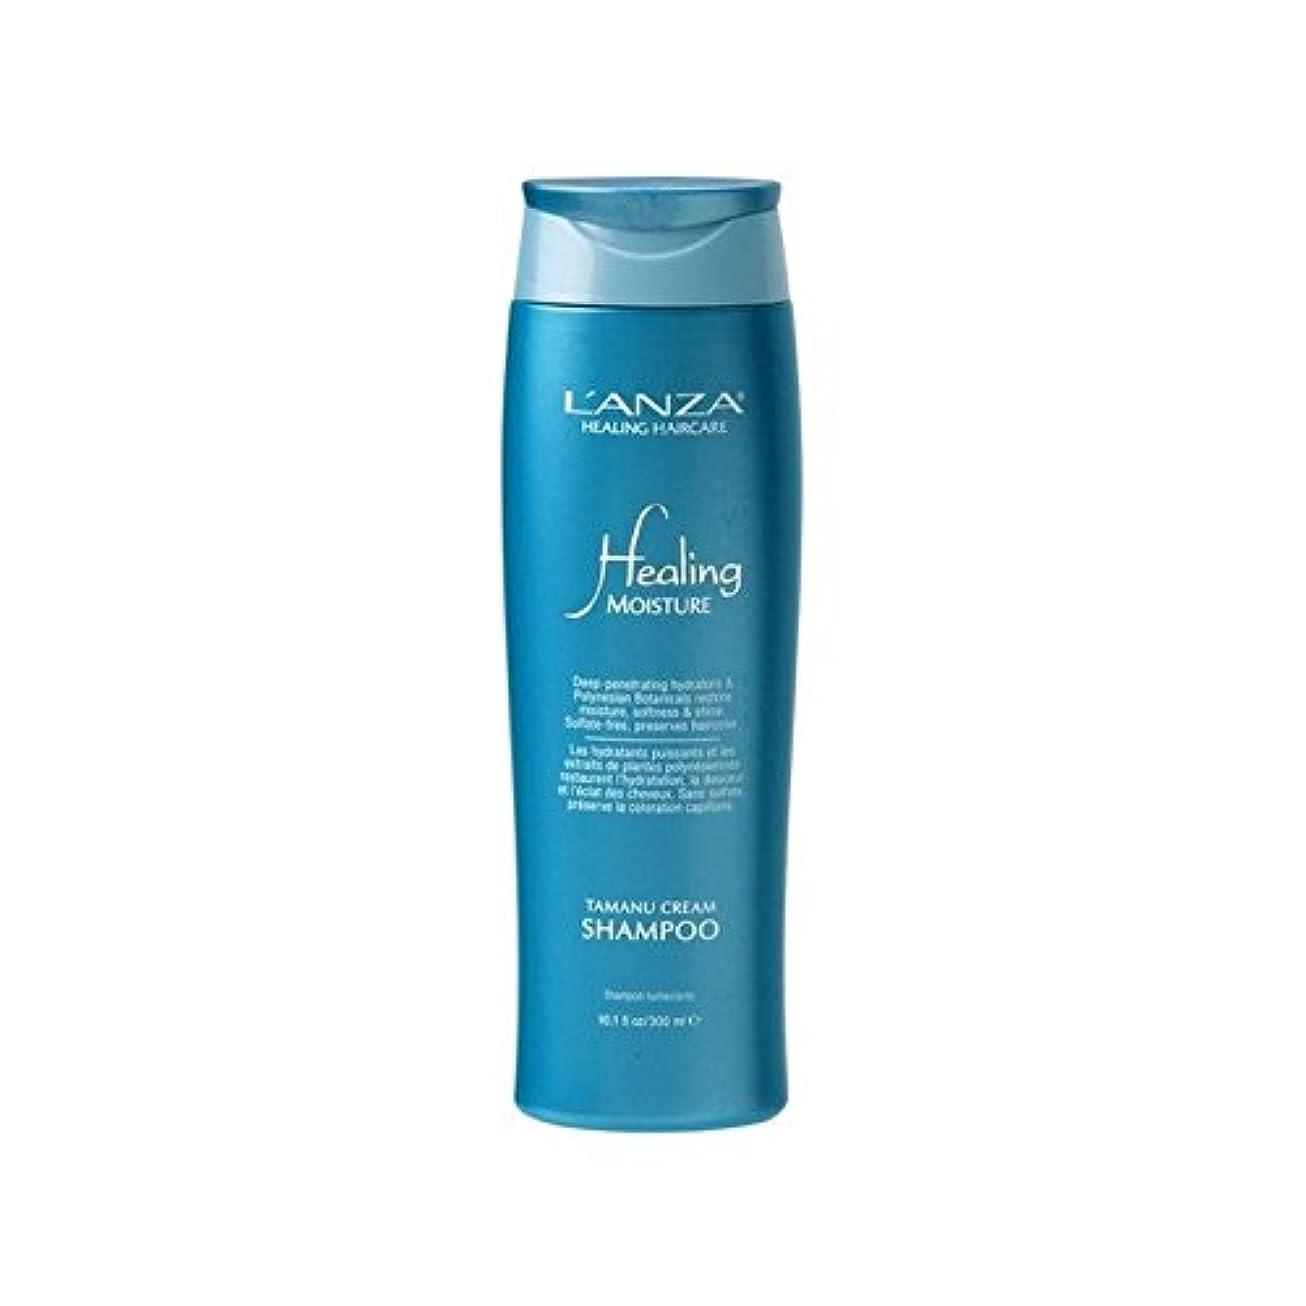 受粉者電極テレックスアンザ癒しの水分タマヌクリームシャンプー(300ミリリットル) x2 - L'Anza Healing Moisture Tamanu Cream Shampoo (300ml) (Pack of 2) [並行輸入品]